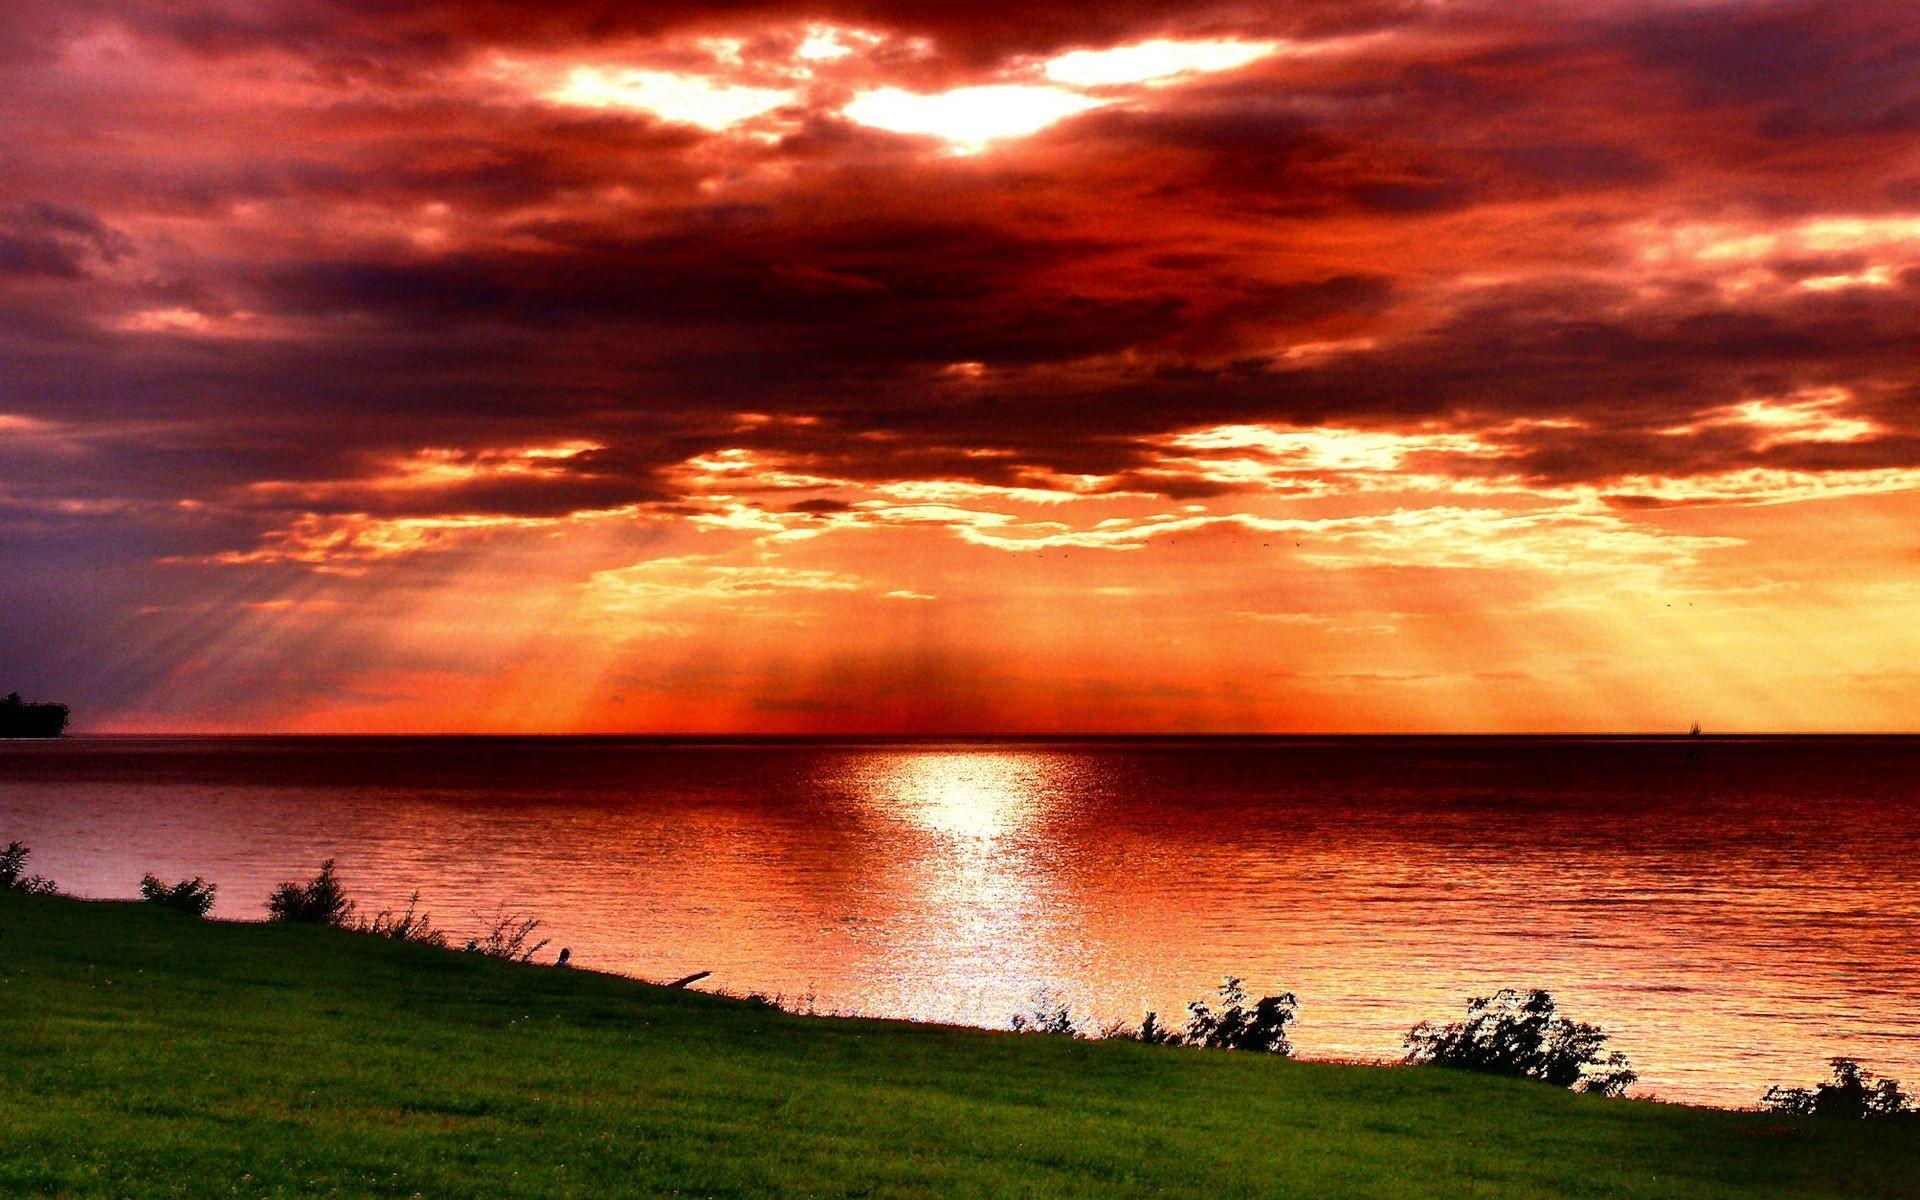 спектакль постановке картинка с описанием удивительной красоты неба вашему вниманию